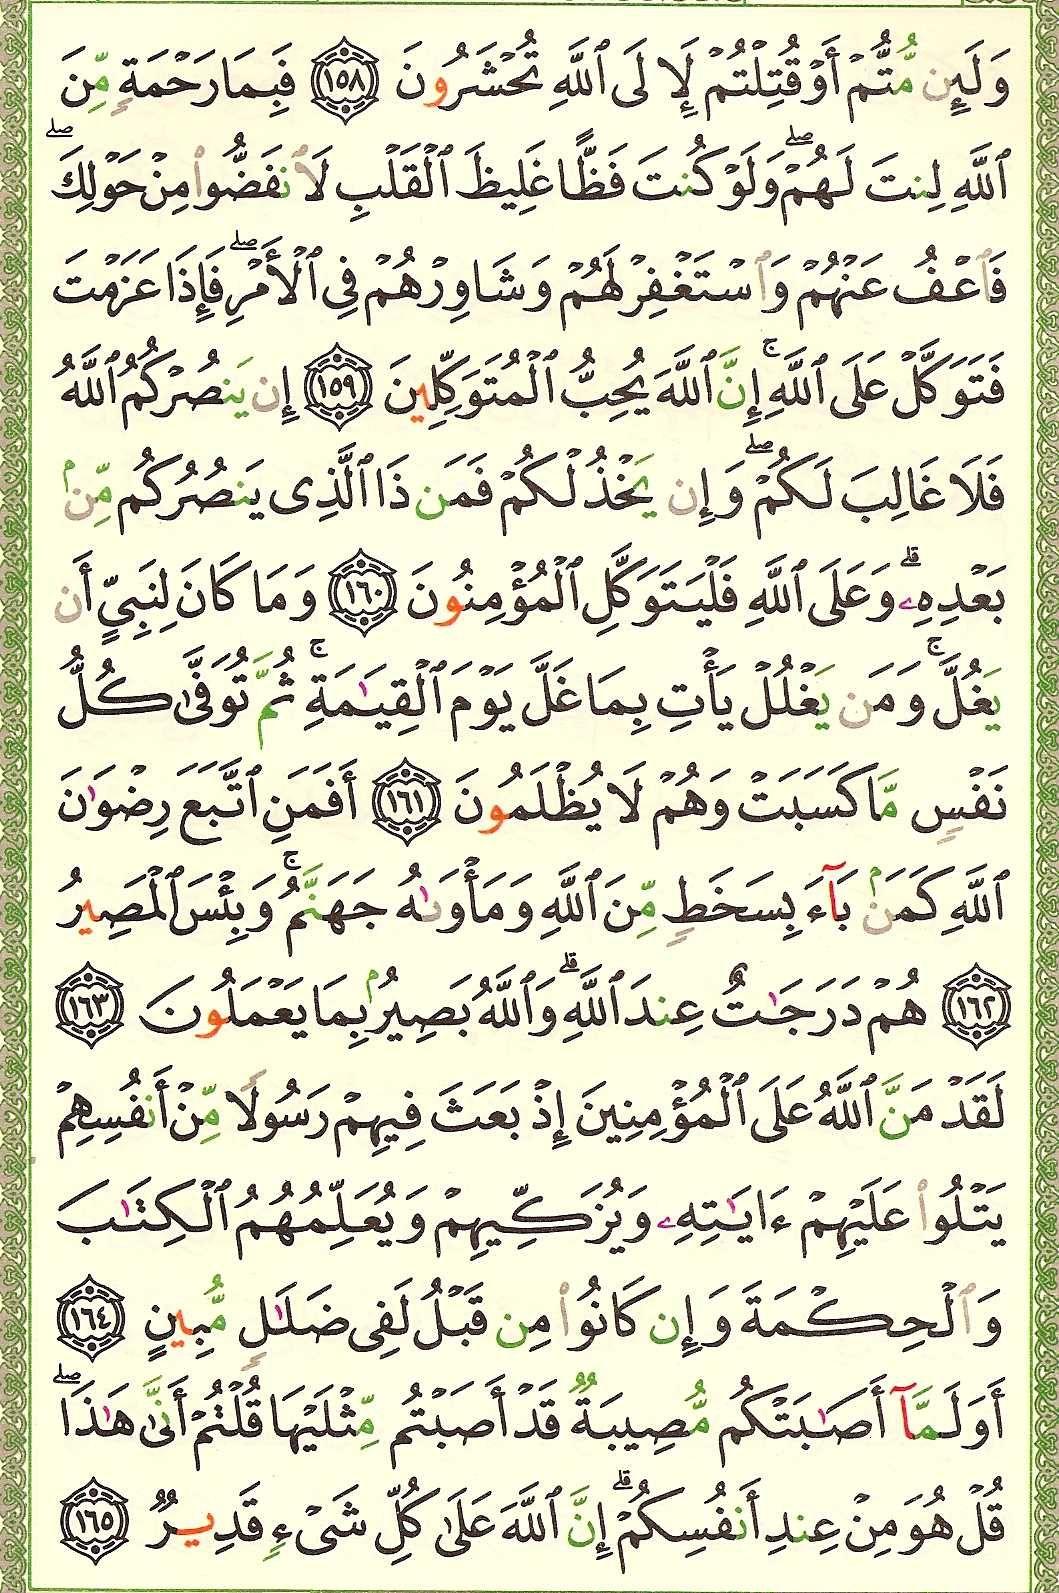 3. سورة آل عمران - Al-Imran مصورة من المصحف الشريف 071